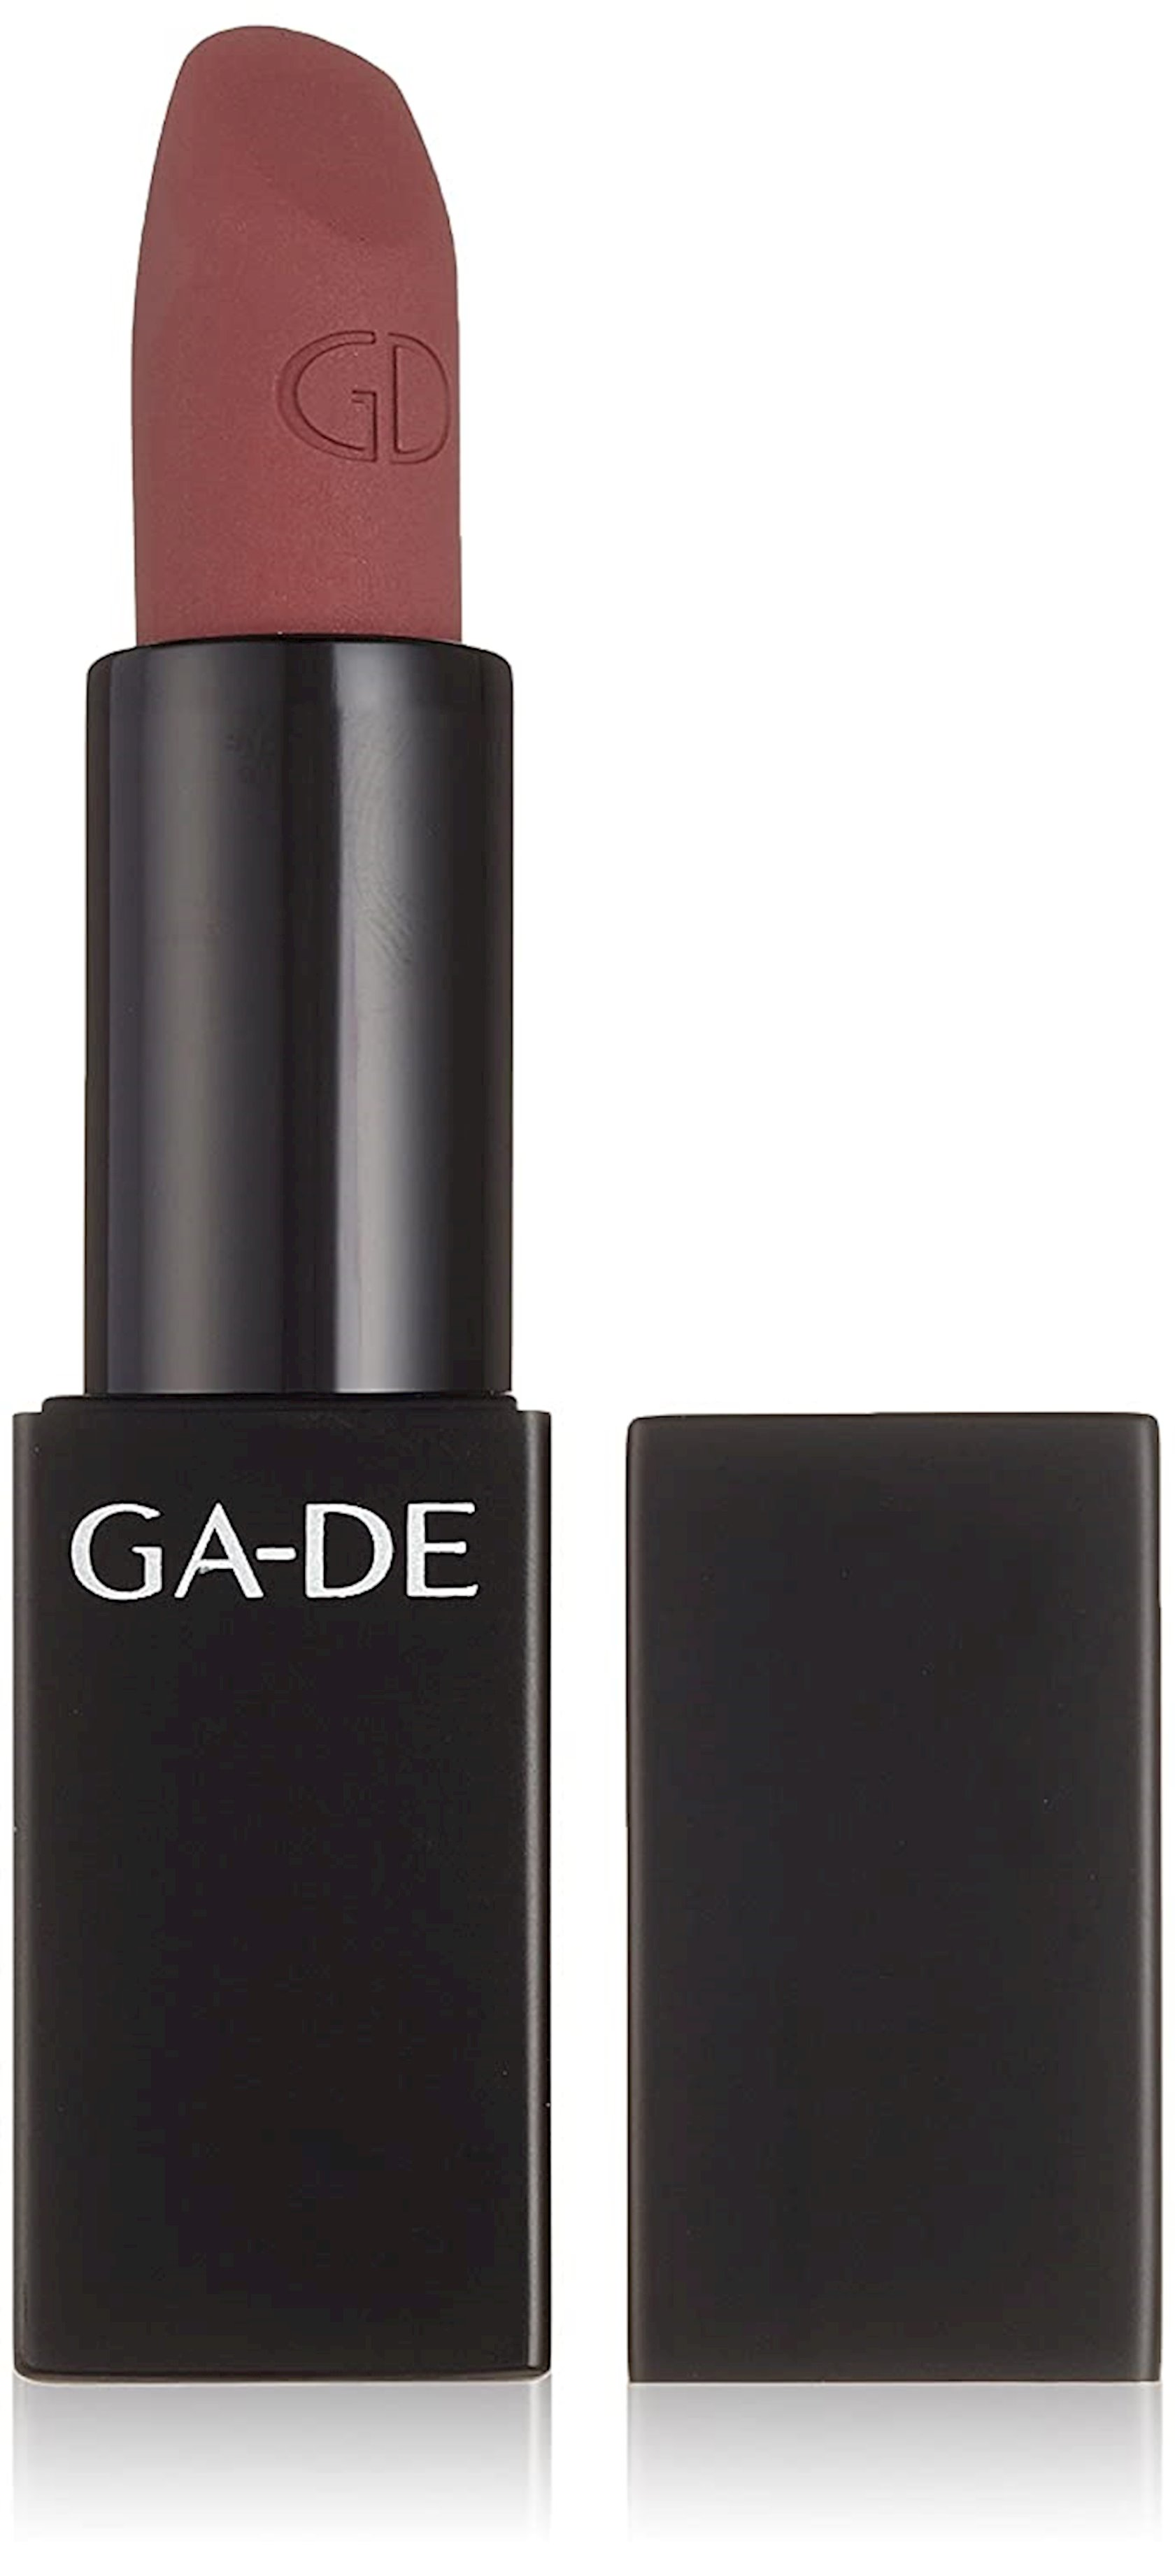 Dodaq üçün mat pomada Ga-De Velveteen Pure Matte Lipstick 754 Mauve Mist